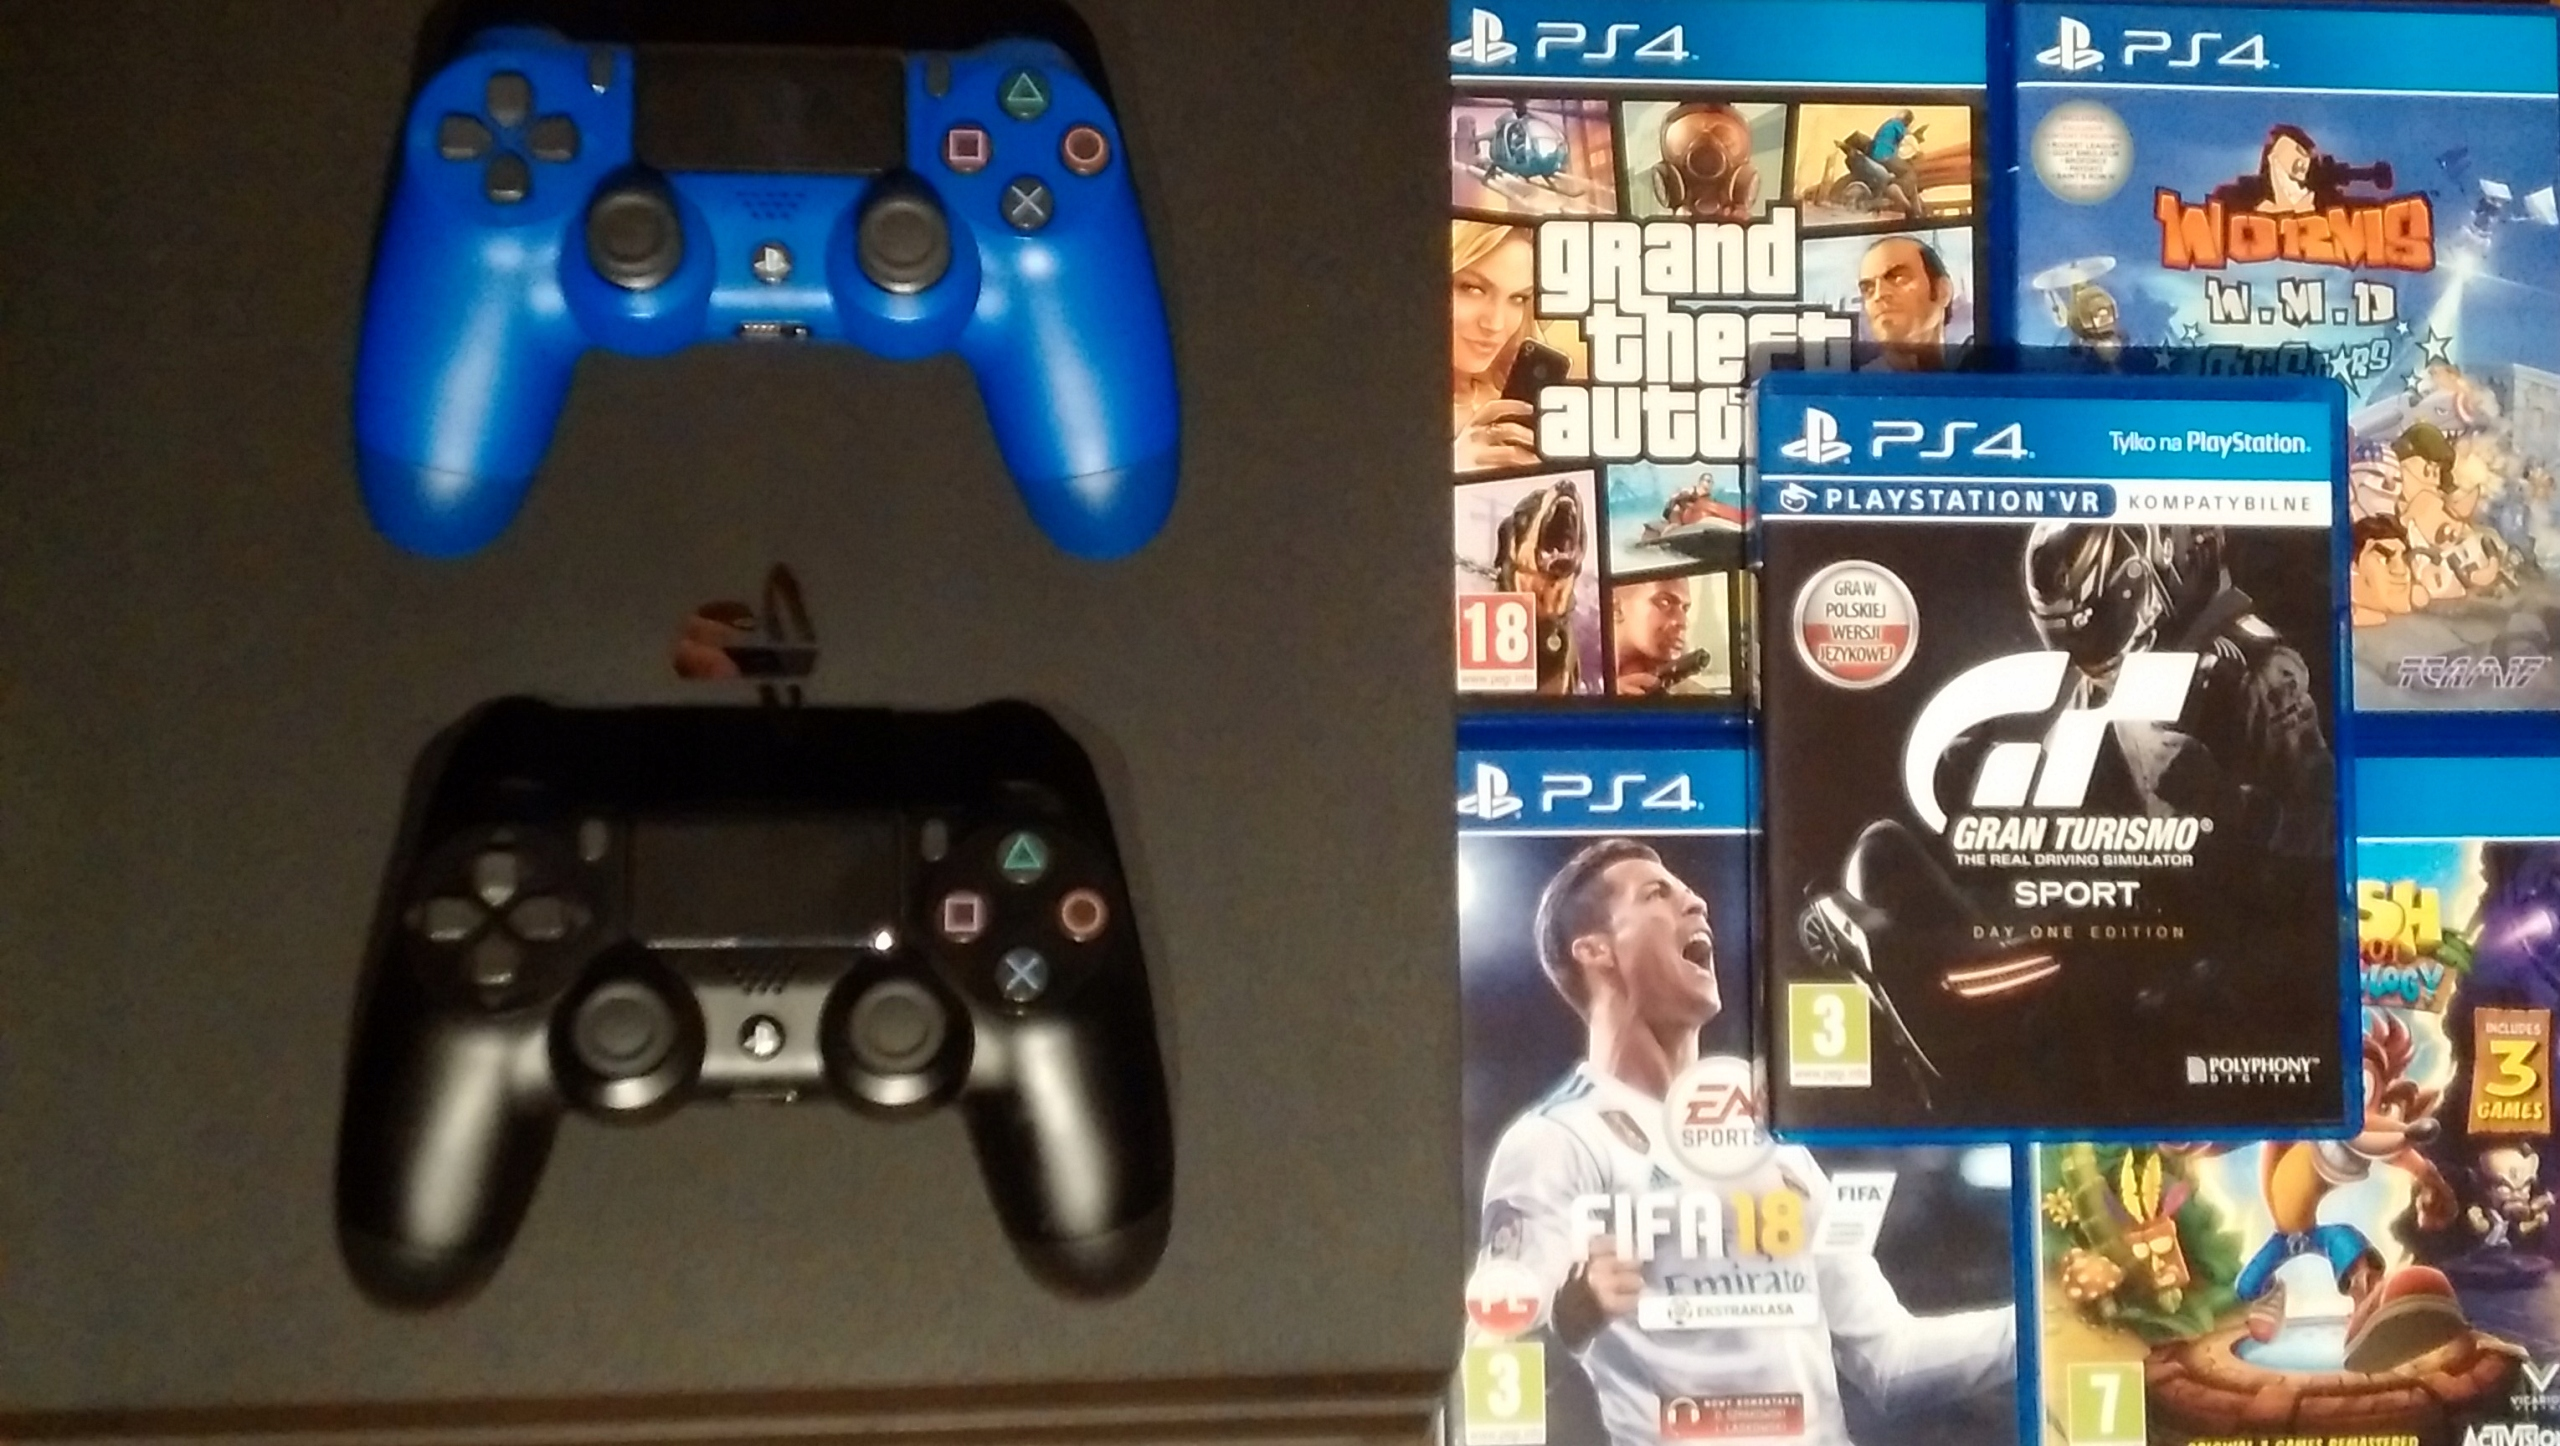 Playstation 4 PS4 PRO 1Tb + 2 pady + 5 gier ZESTAW